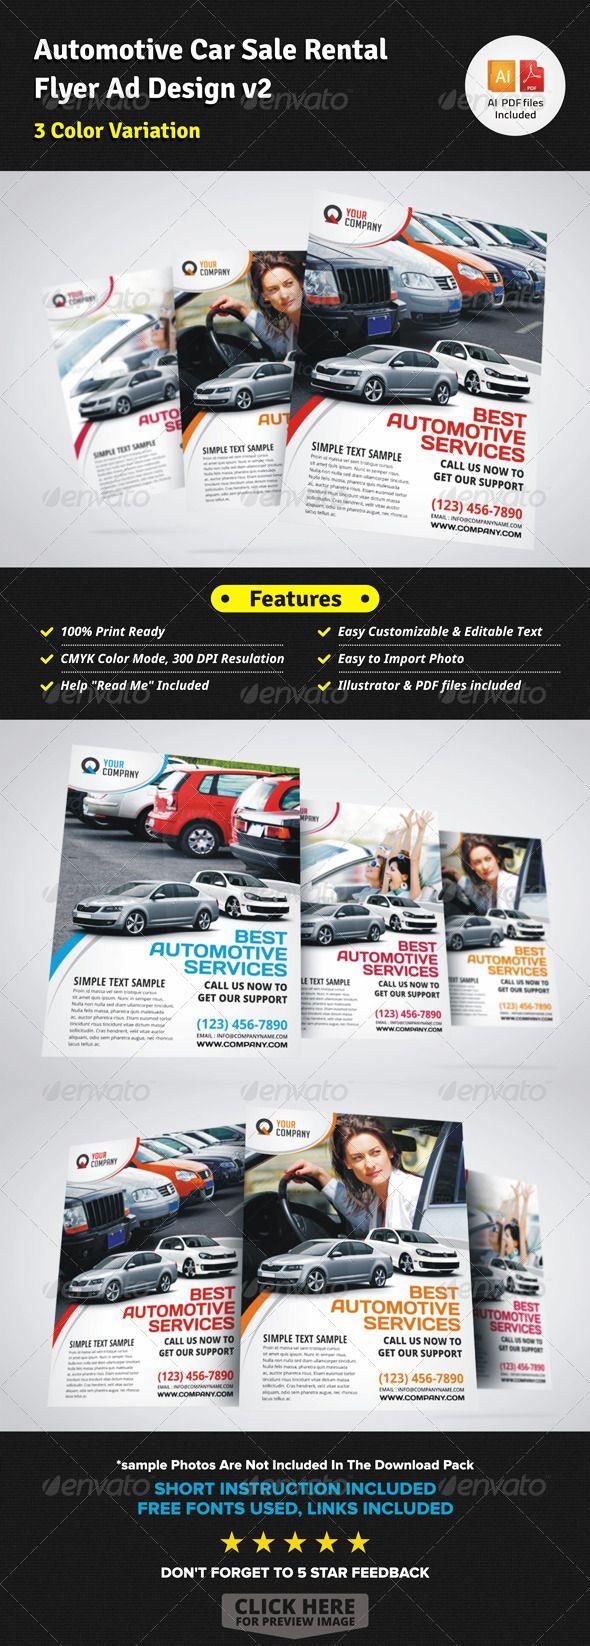 Automotive Car Sale Rental Flyer Ad v2 Flyer, Email